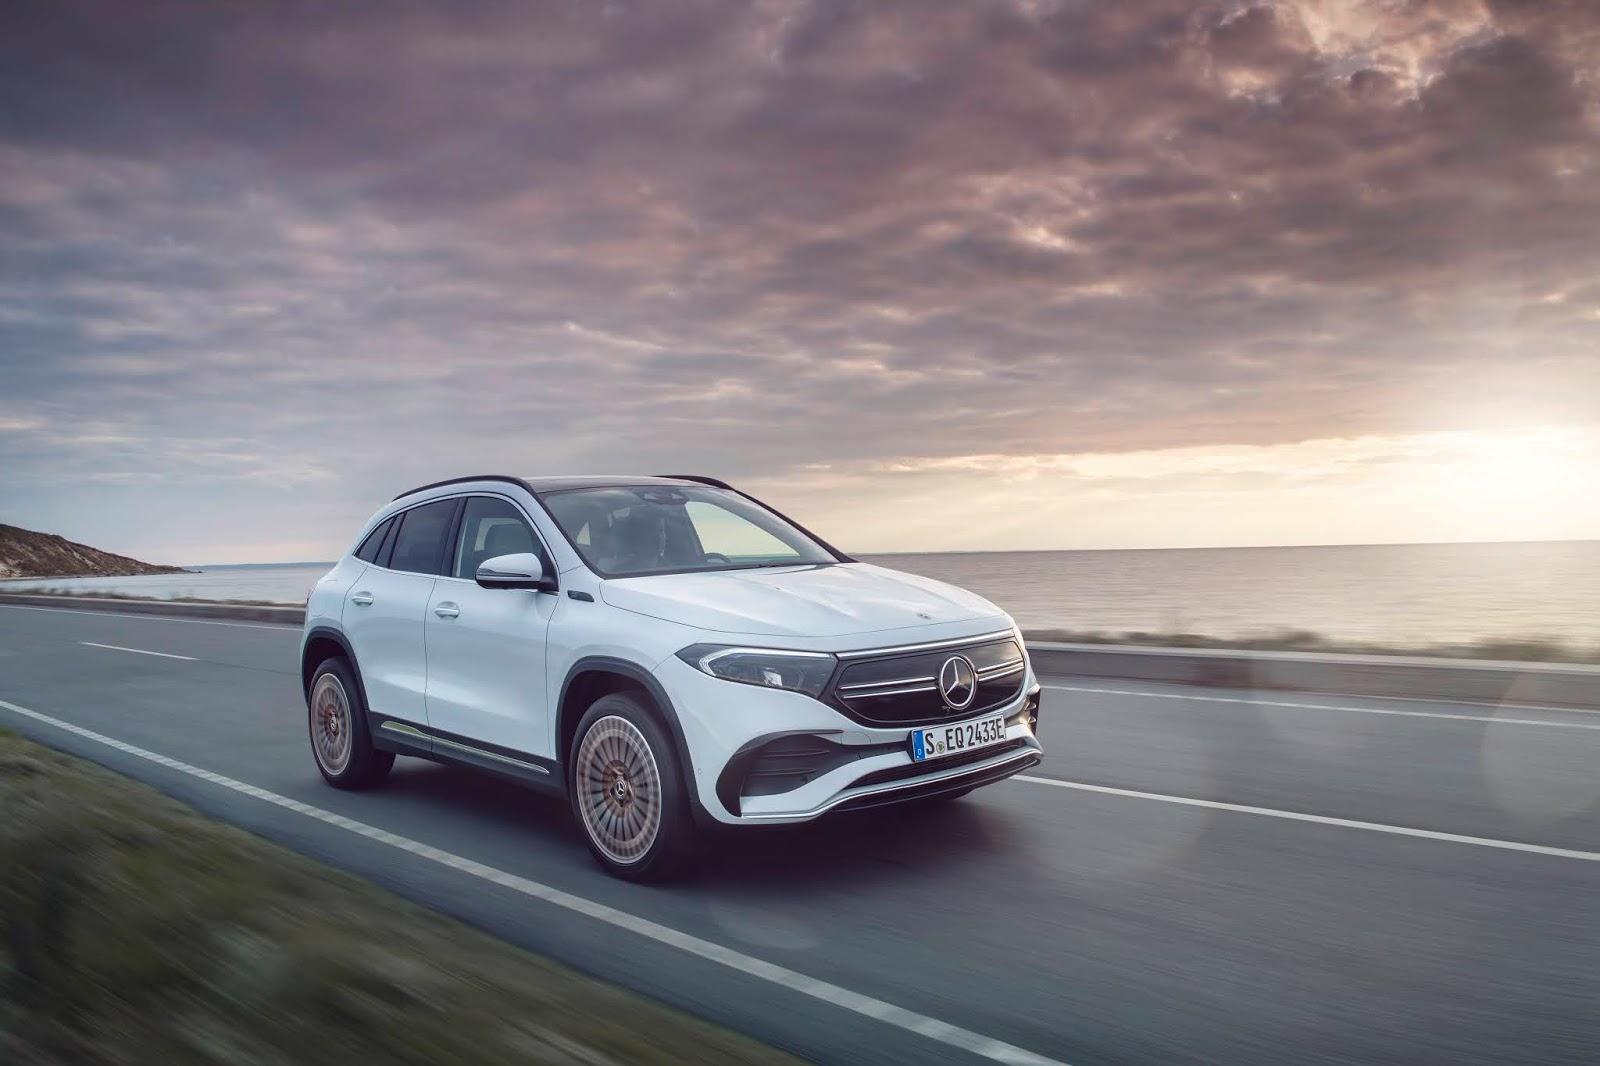 EQA Ακόμα περισσότερες υπηρεσίες για τα Mercedes-Benz & smart EQ, στο 2021